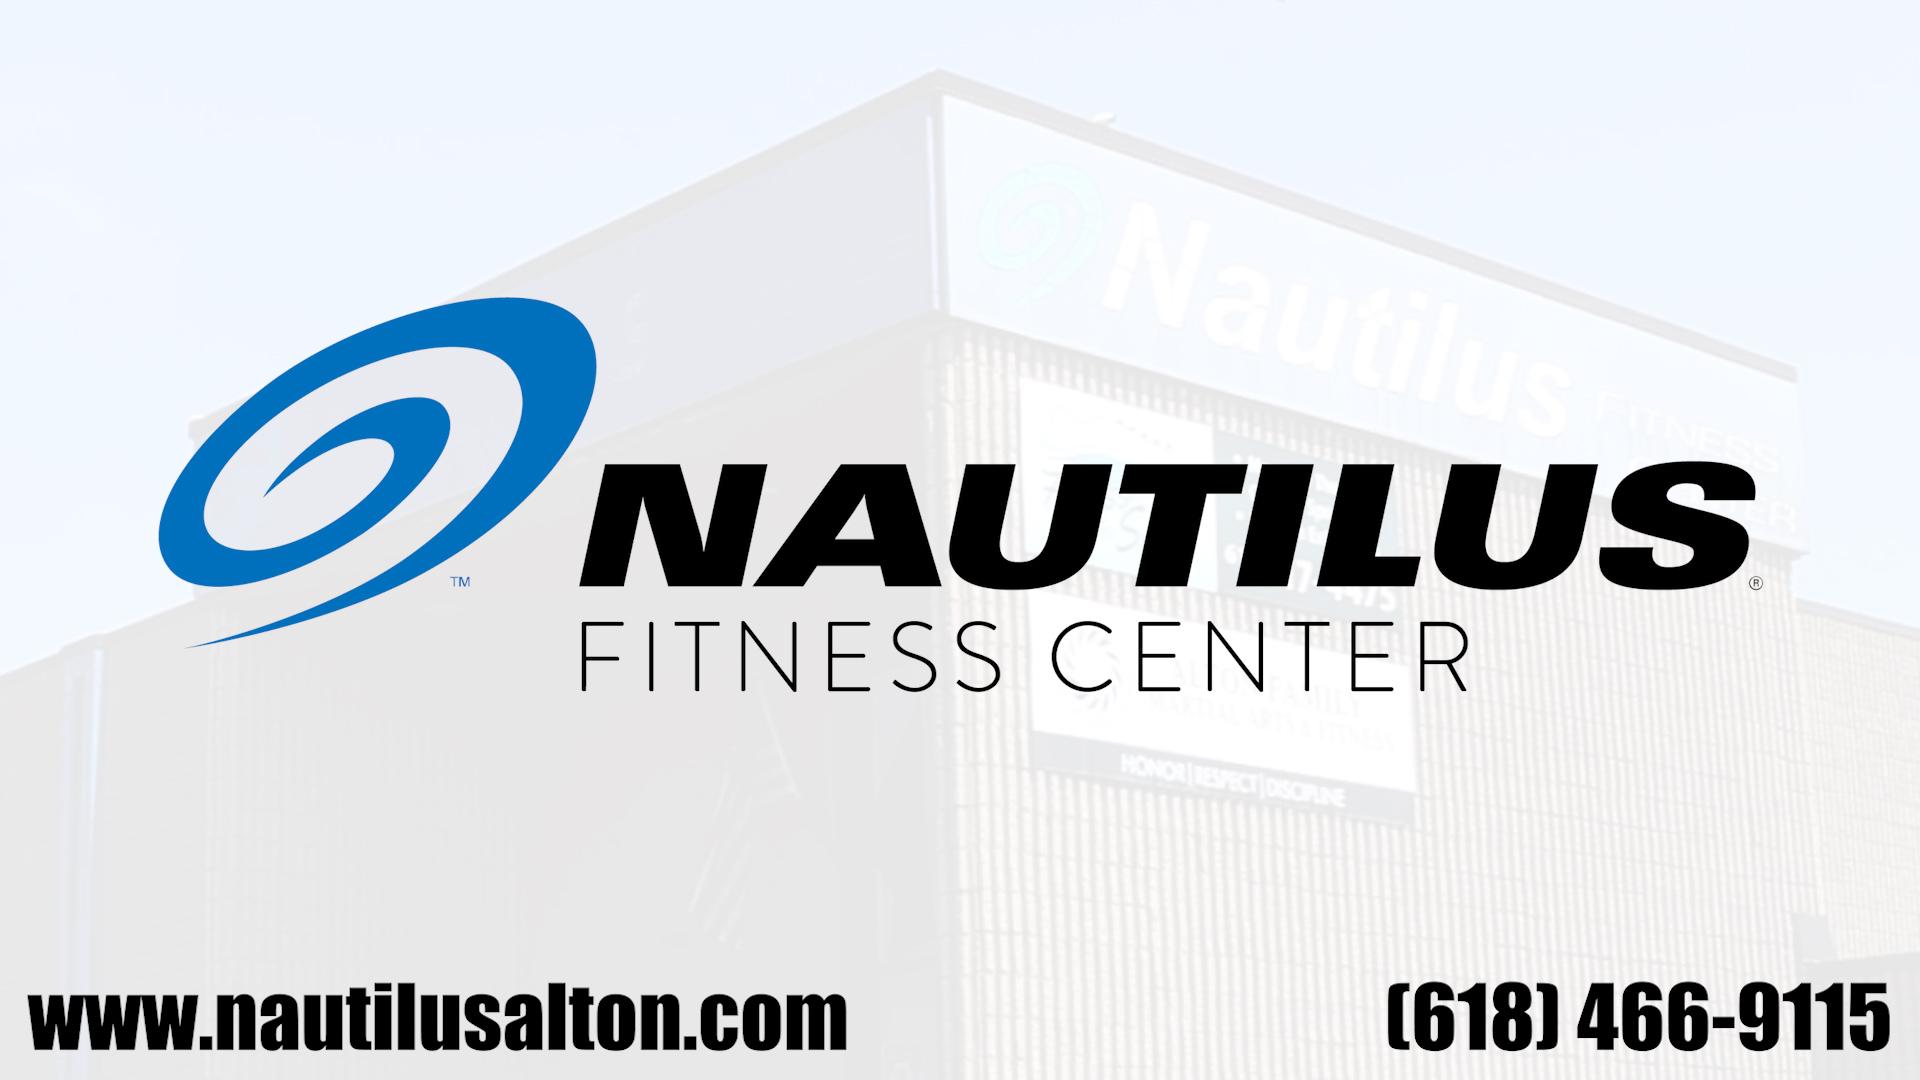 Nautilus Fitness Center